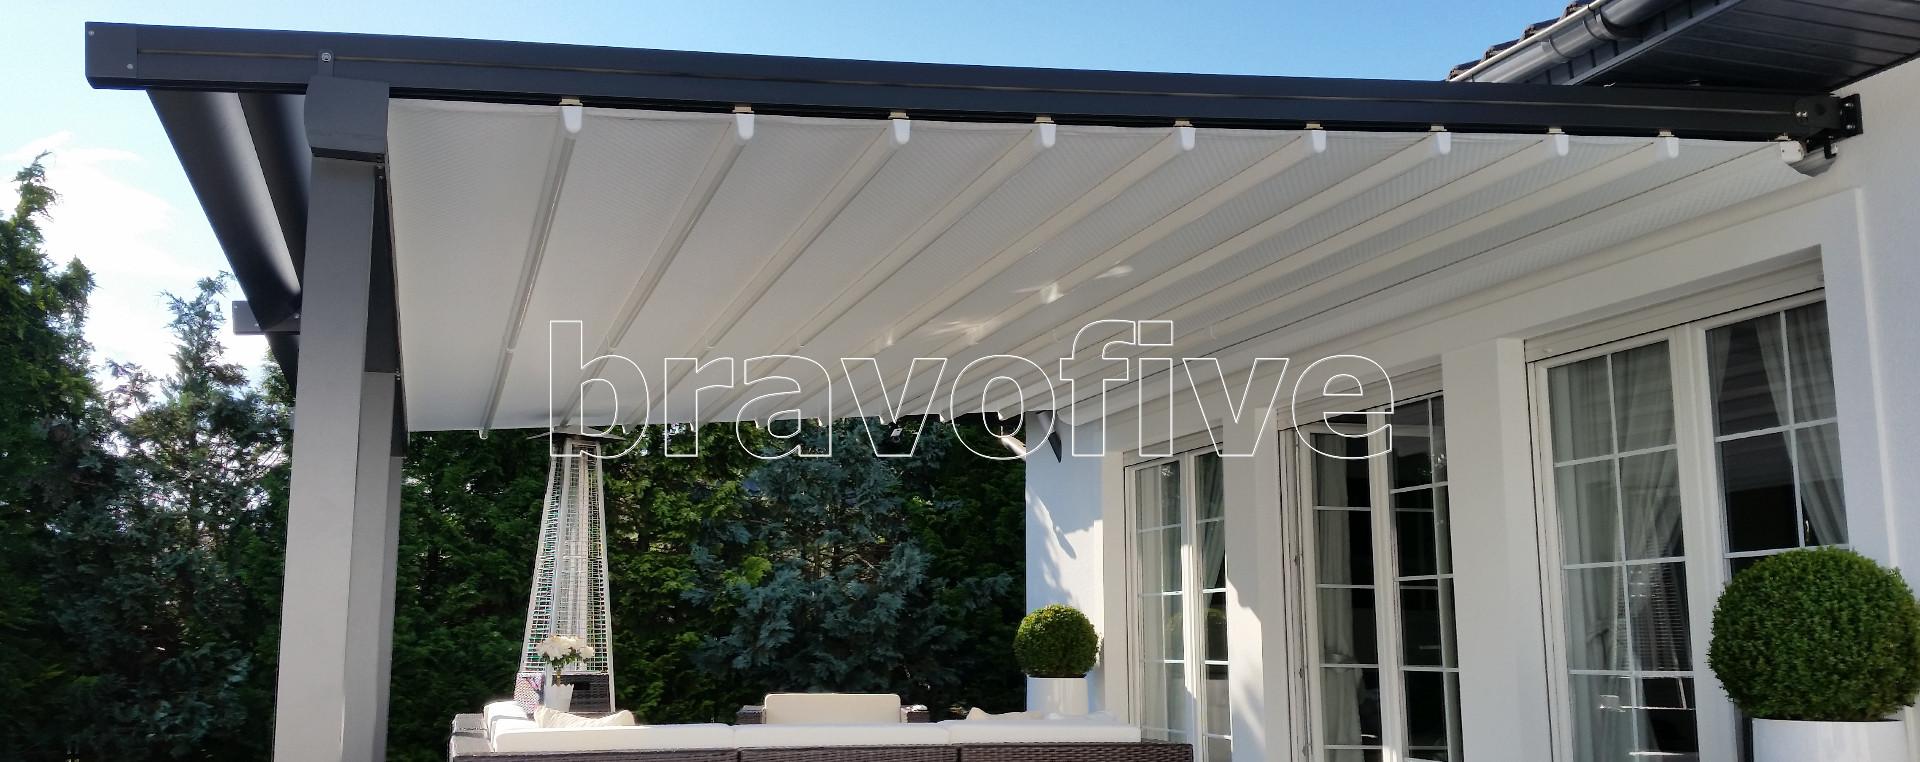 nowoczesne zadaszenie tarasu z otwieranym dachem-nowoczesna pergola aluminiowa